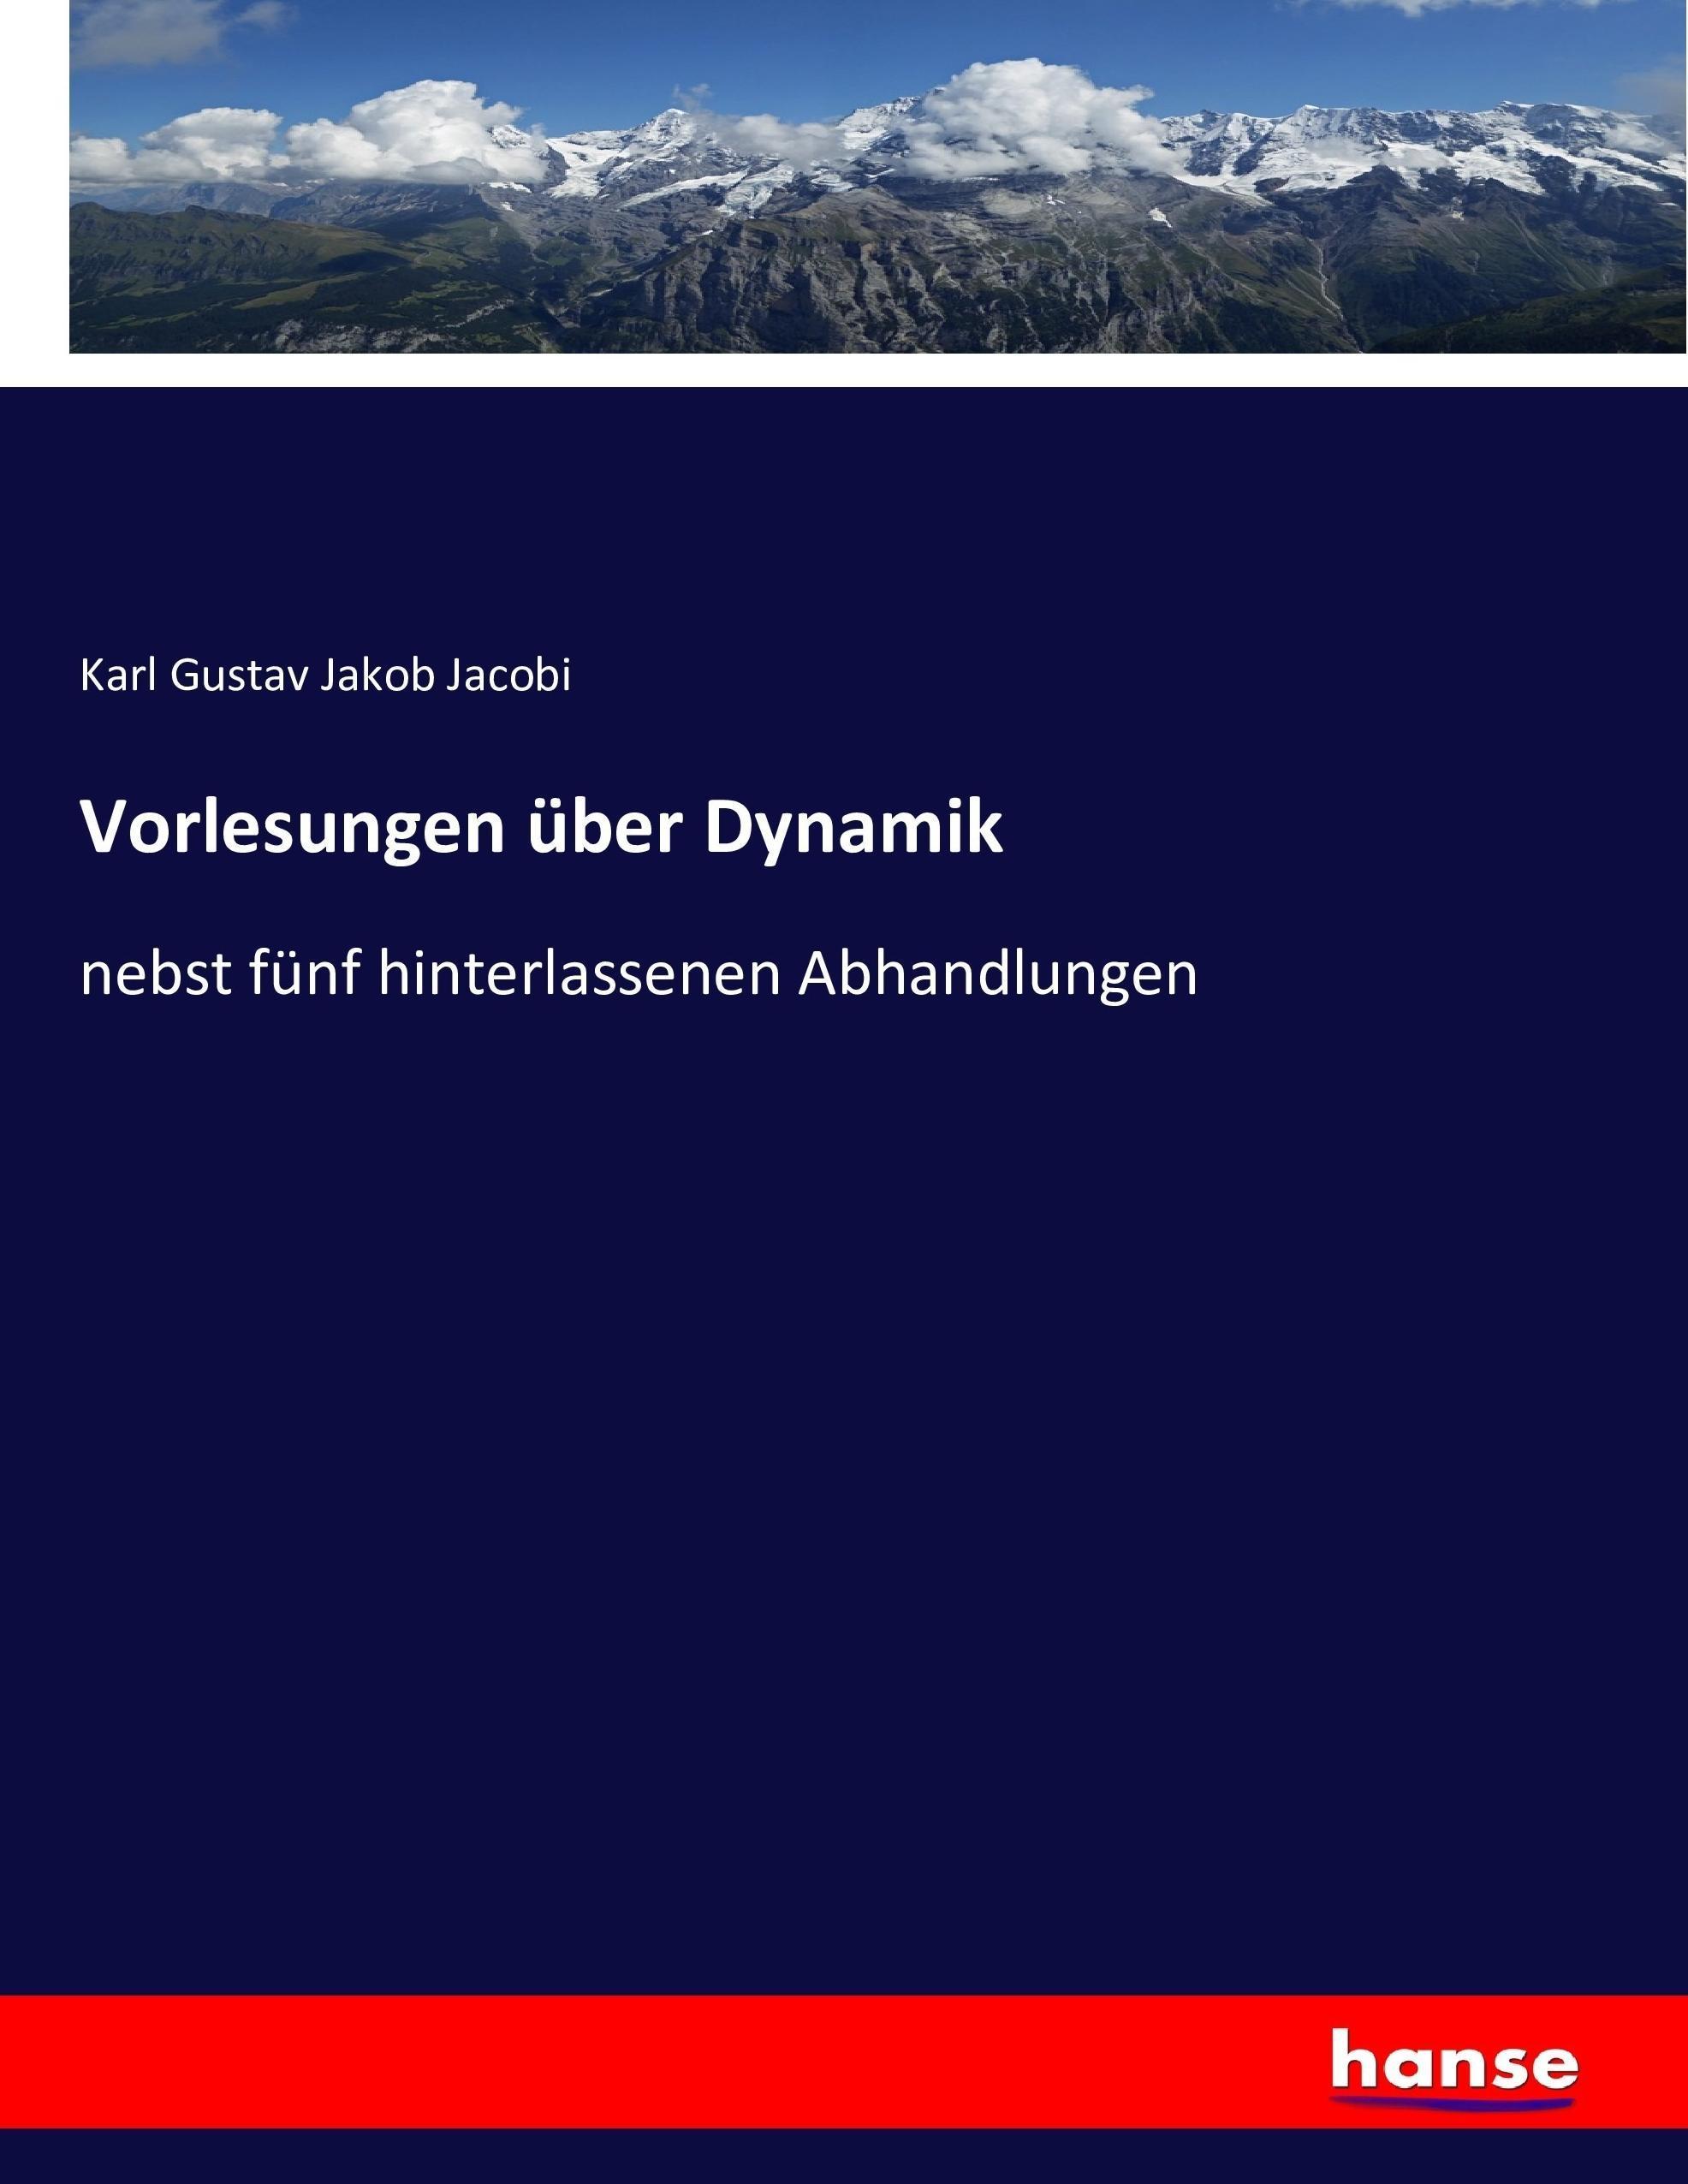 Vorlesungen über Dynamik Karl Gustav Jakob Jacobi